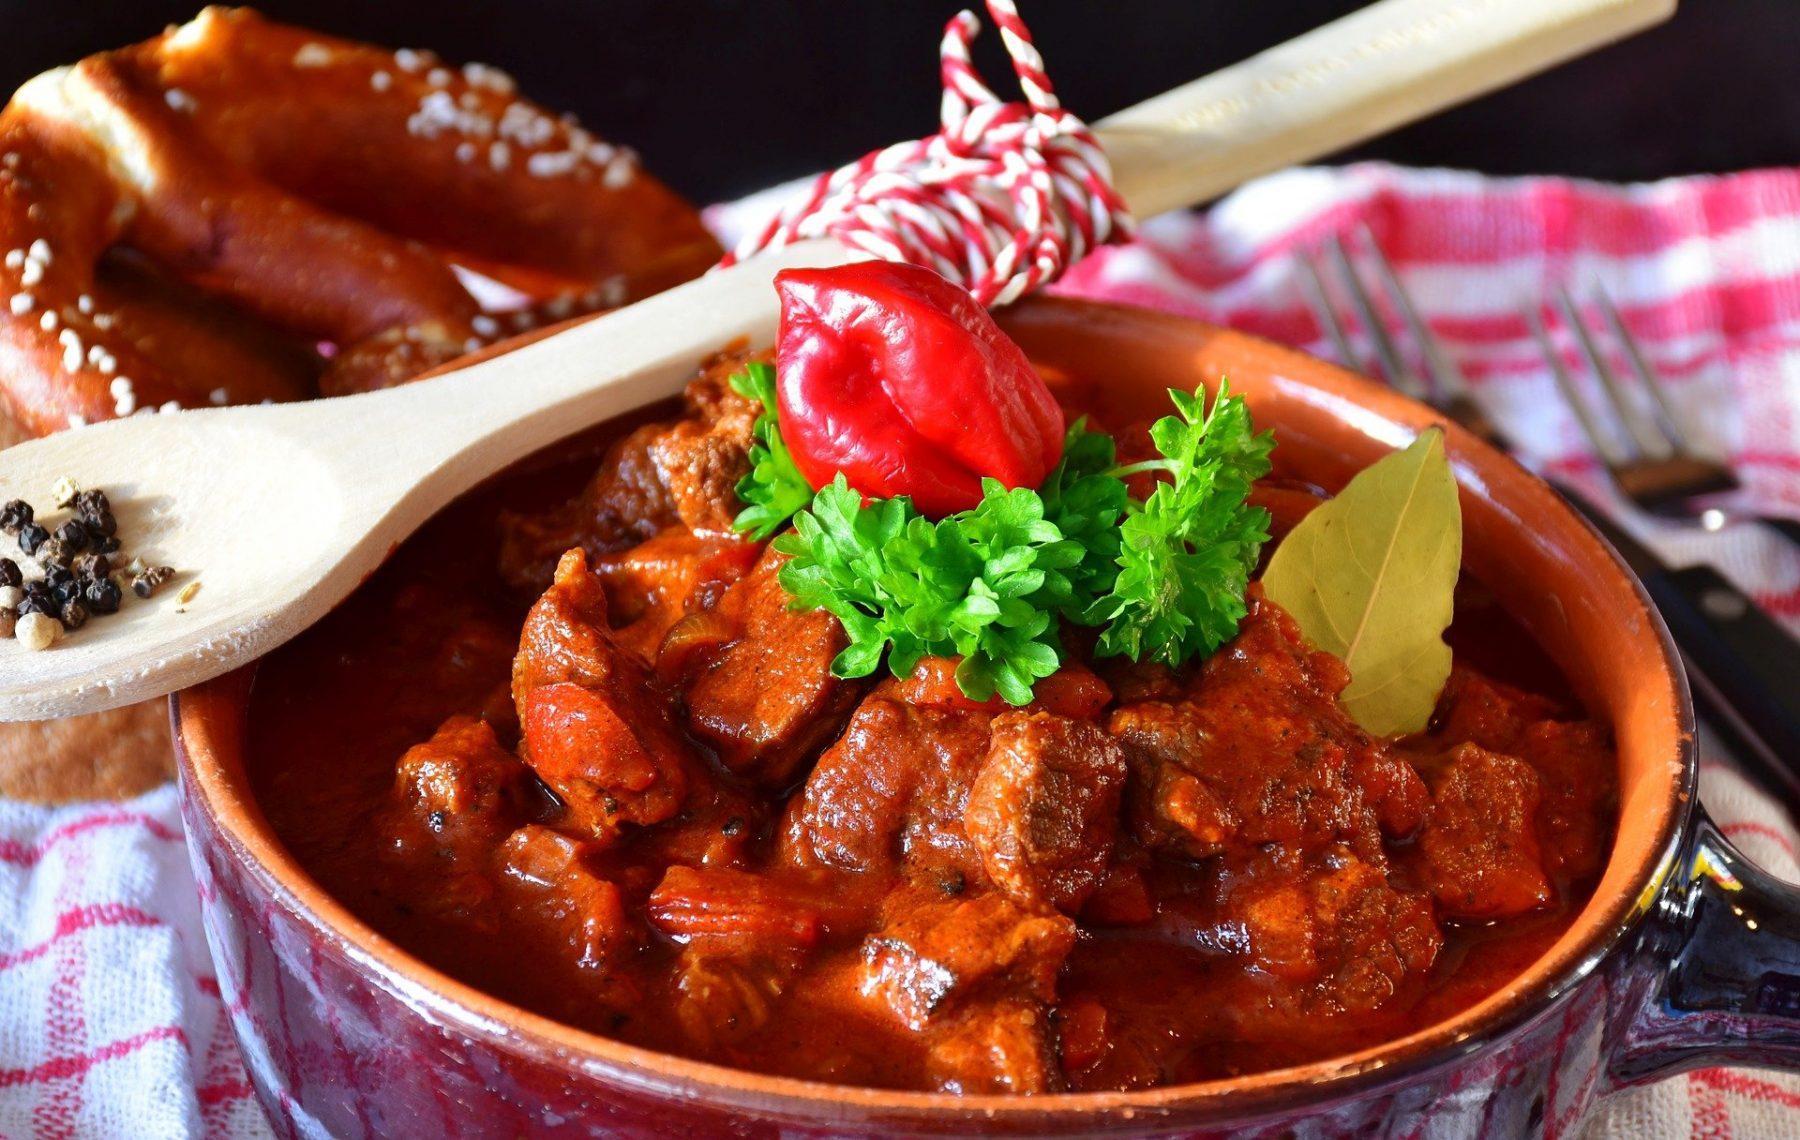 Γκούλας: Μια νόστιμη συνταγή από την Ουγγαρία που θα σας ζεστάνει